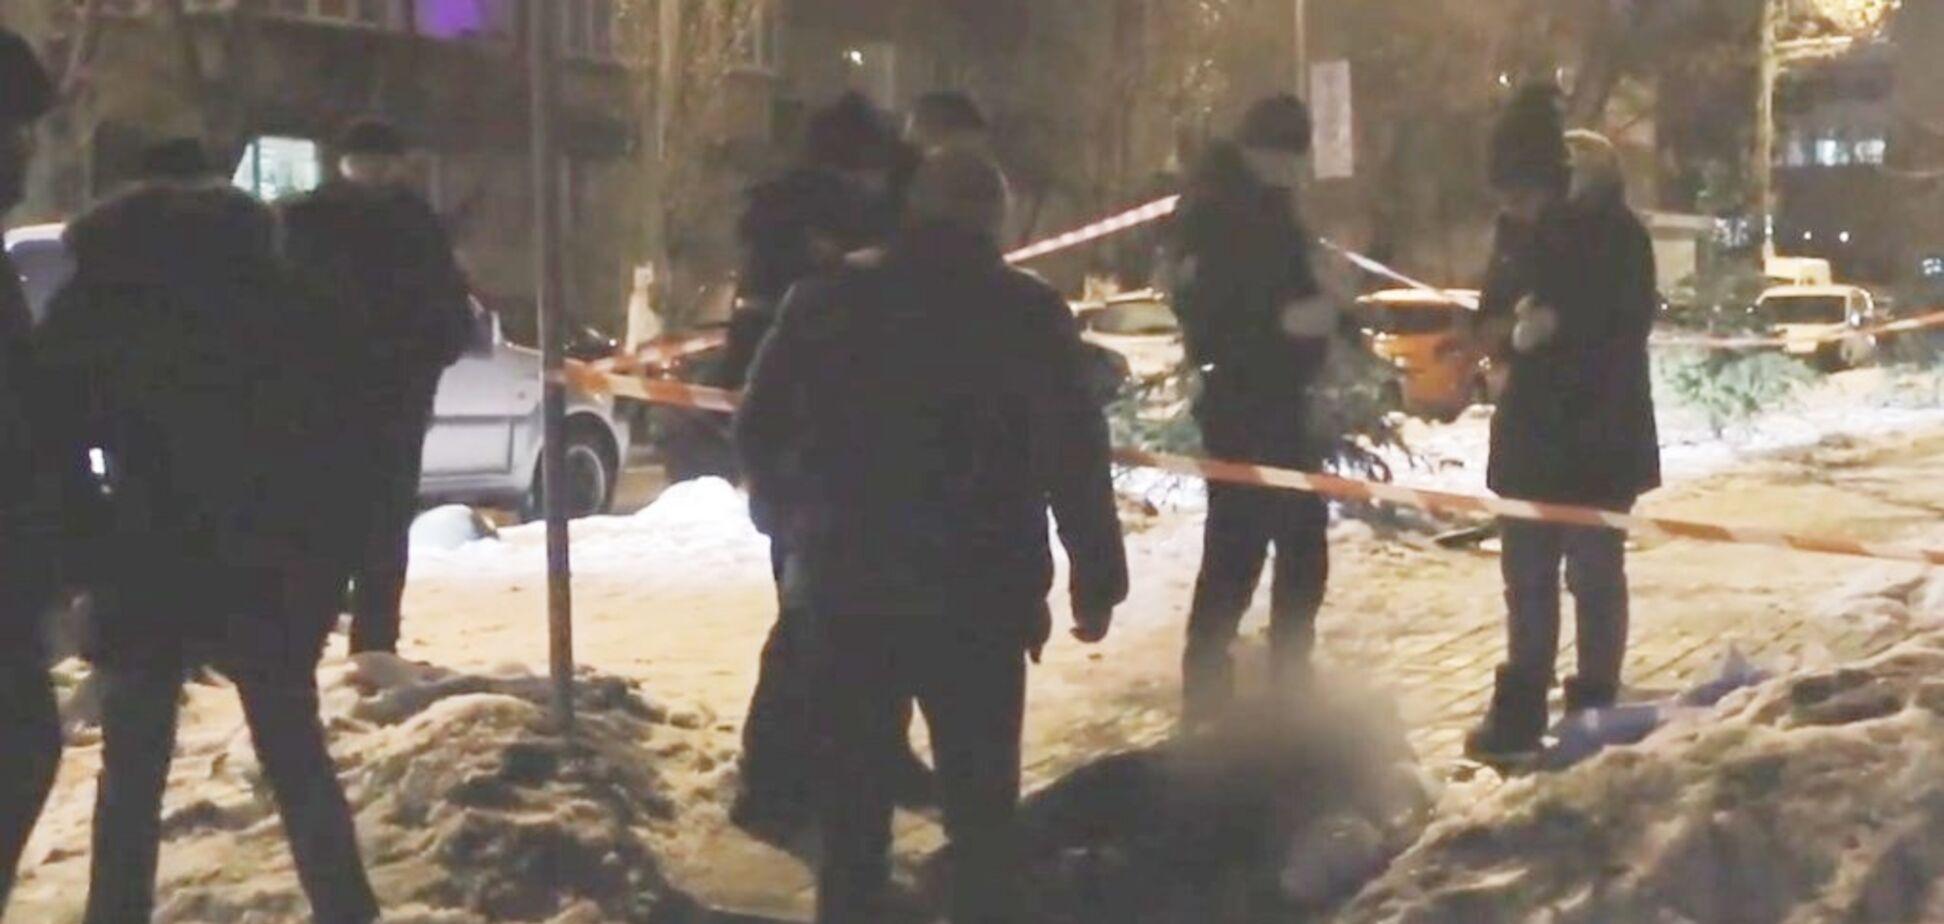 Охранял первых лиц страны: всплыли новые подробности жестокого убийства в элитном ЖК Киева